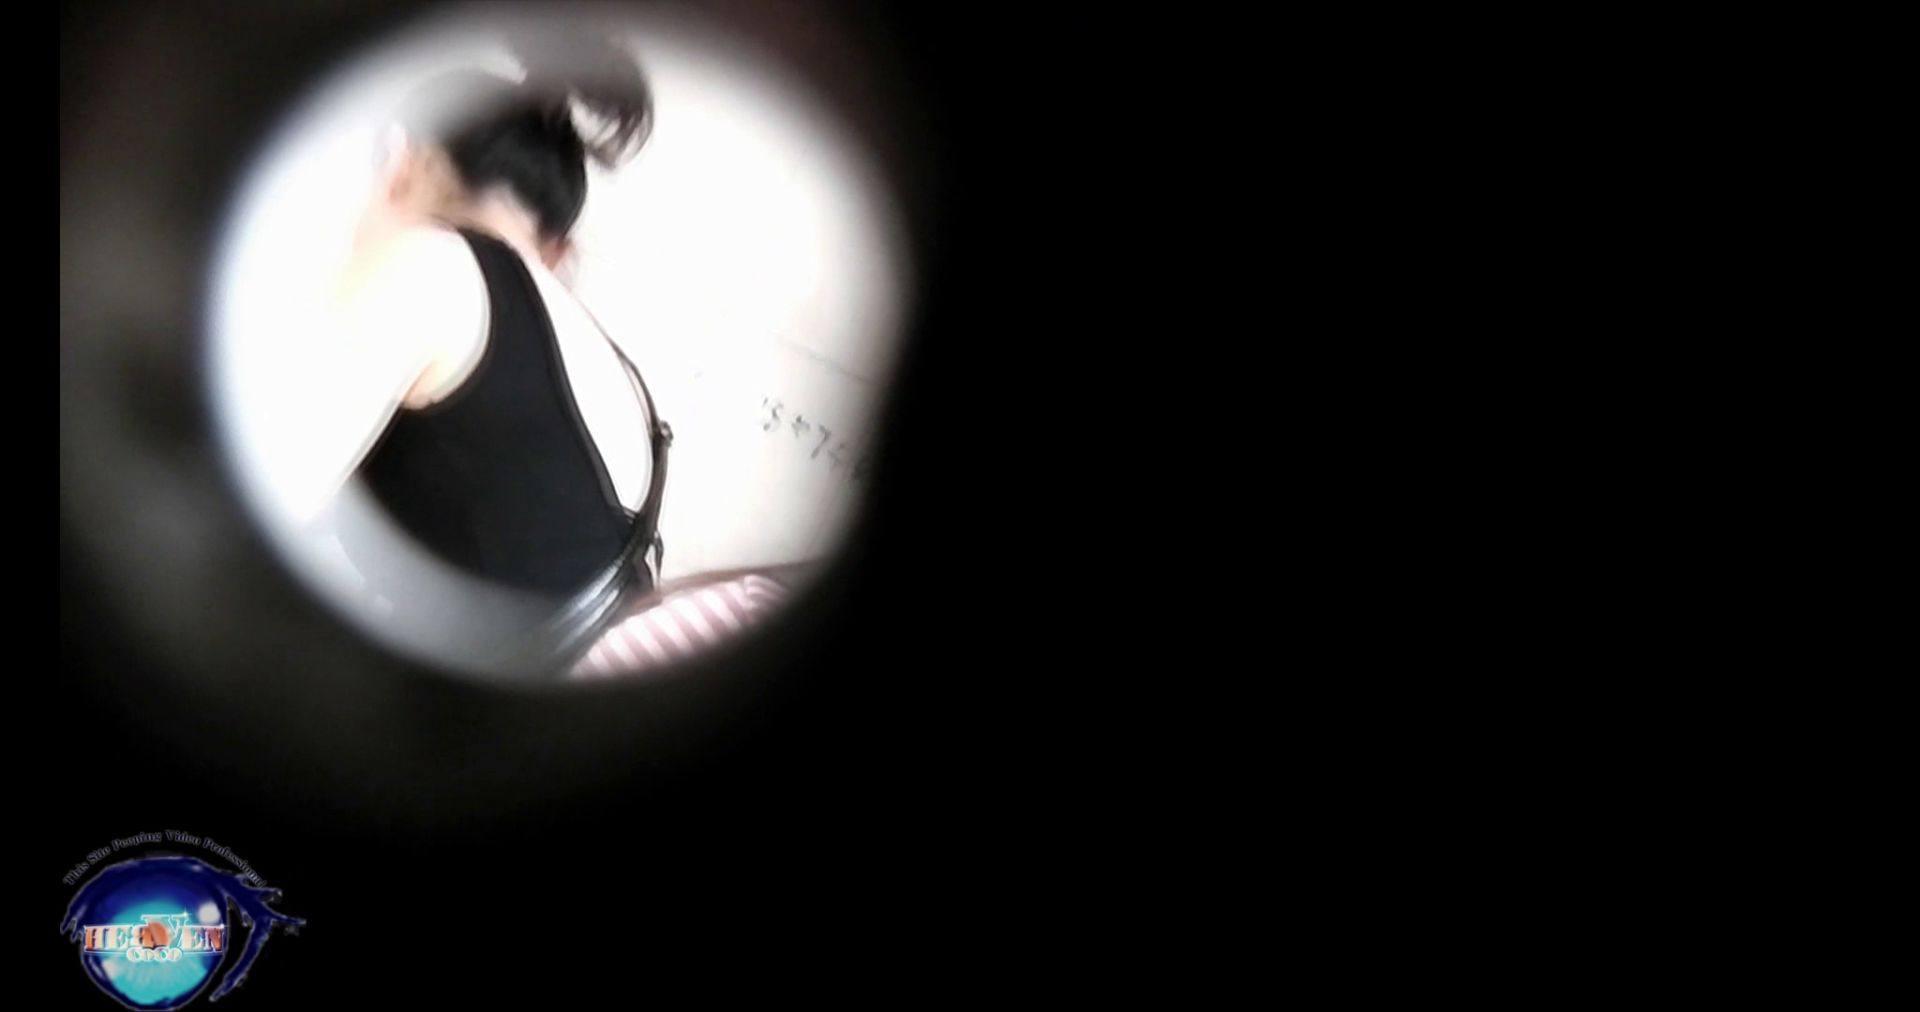 世界の射窓から~ステーション編~vol.34 無料動画のモデルつい本番登場Ⅱやっぱり違います 本番 | OL女体  104連発 93